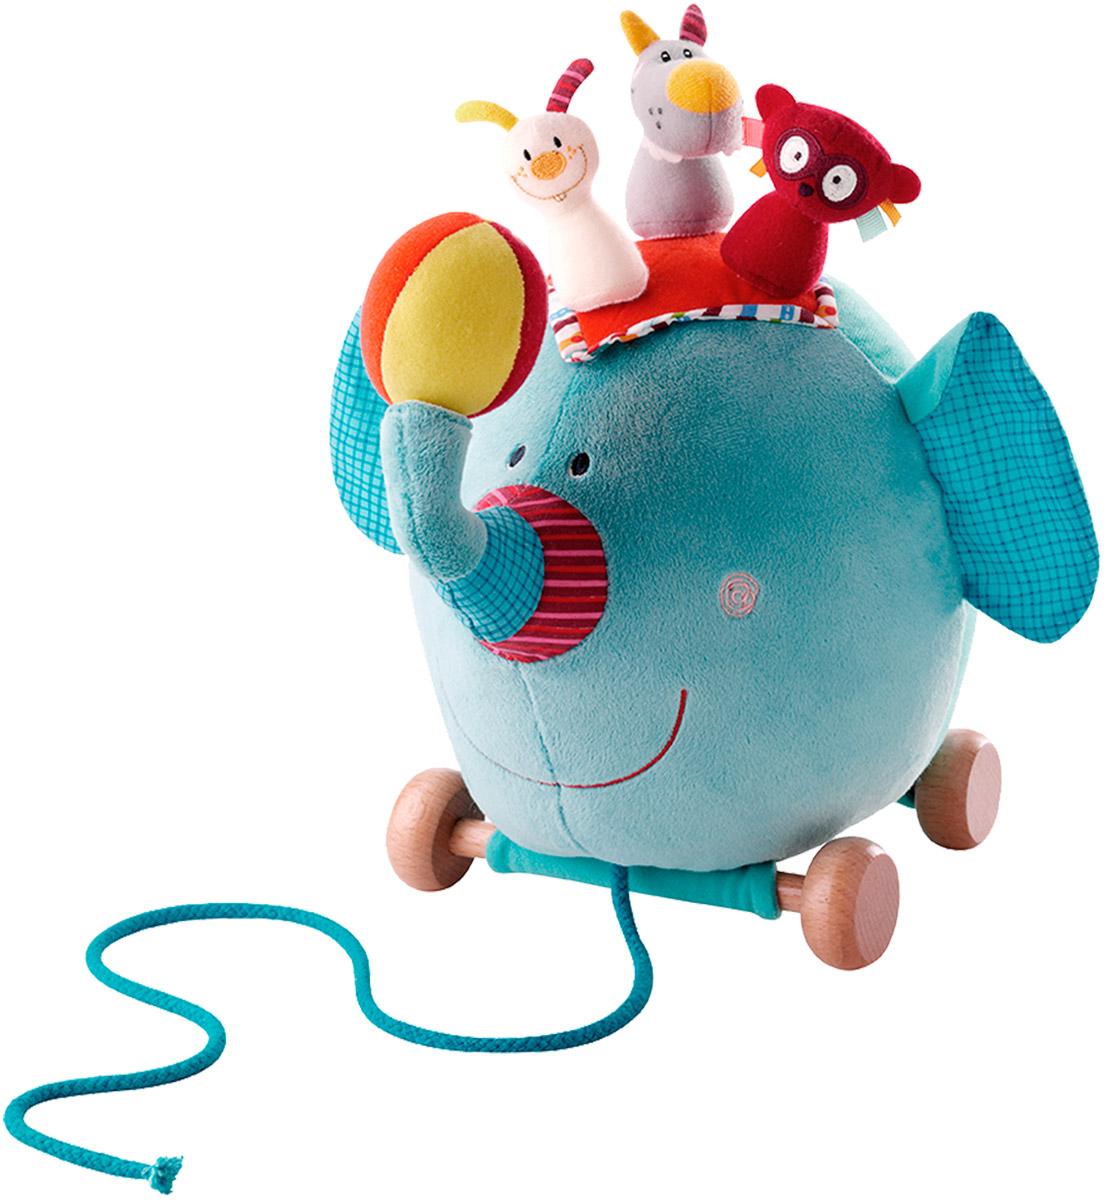 Lilliputiens Игрушка-каталка Слоненок Альберт86Игрушка-каталка Lilliputiens Слоненок Альберт предназначена для ребенка от 1 года. Теперь всю компанию можно взять с собой на прогулку, благодаря текстильному шнурку и подвижным колесикам. Альберт перевозит на своей спине веселых циркачей: кролика, волка и лемура. А еще веселую компанию можно выстроить пирамидкой и попробовать сбить мягким ярким мячиком, который имеется в комплекте. Также мячик может использоваться как погремушка. Альберт легко передвигается при помощи деревянных колесиков. Малышу будет весело катать всю компанию, дергая Альберта за прочный шнурок. Игрушка выполнена из качественных гипоаллергенных материалов. Она мягкая, яркая и обязательно понравится и мальчикам, и девочкам. Игрушка-каталка Lilliputiens Слоненок Альберт развивает мелкую моторику, цветовое восприятие ребенка и координацию движений.